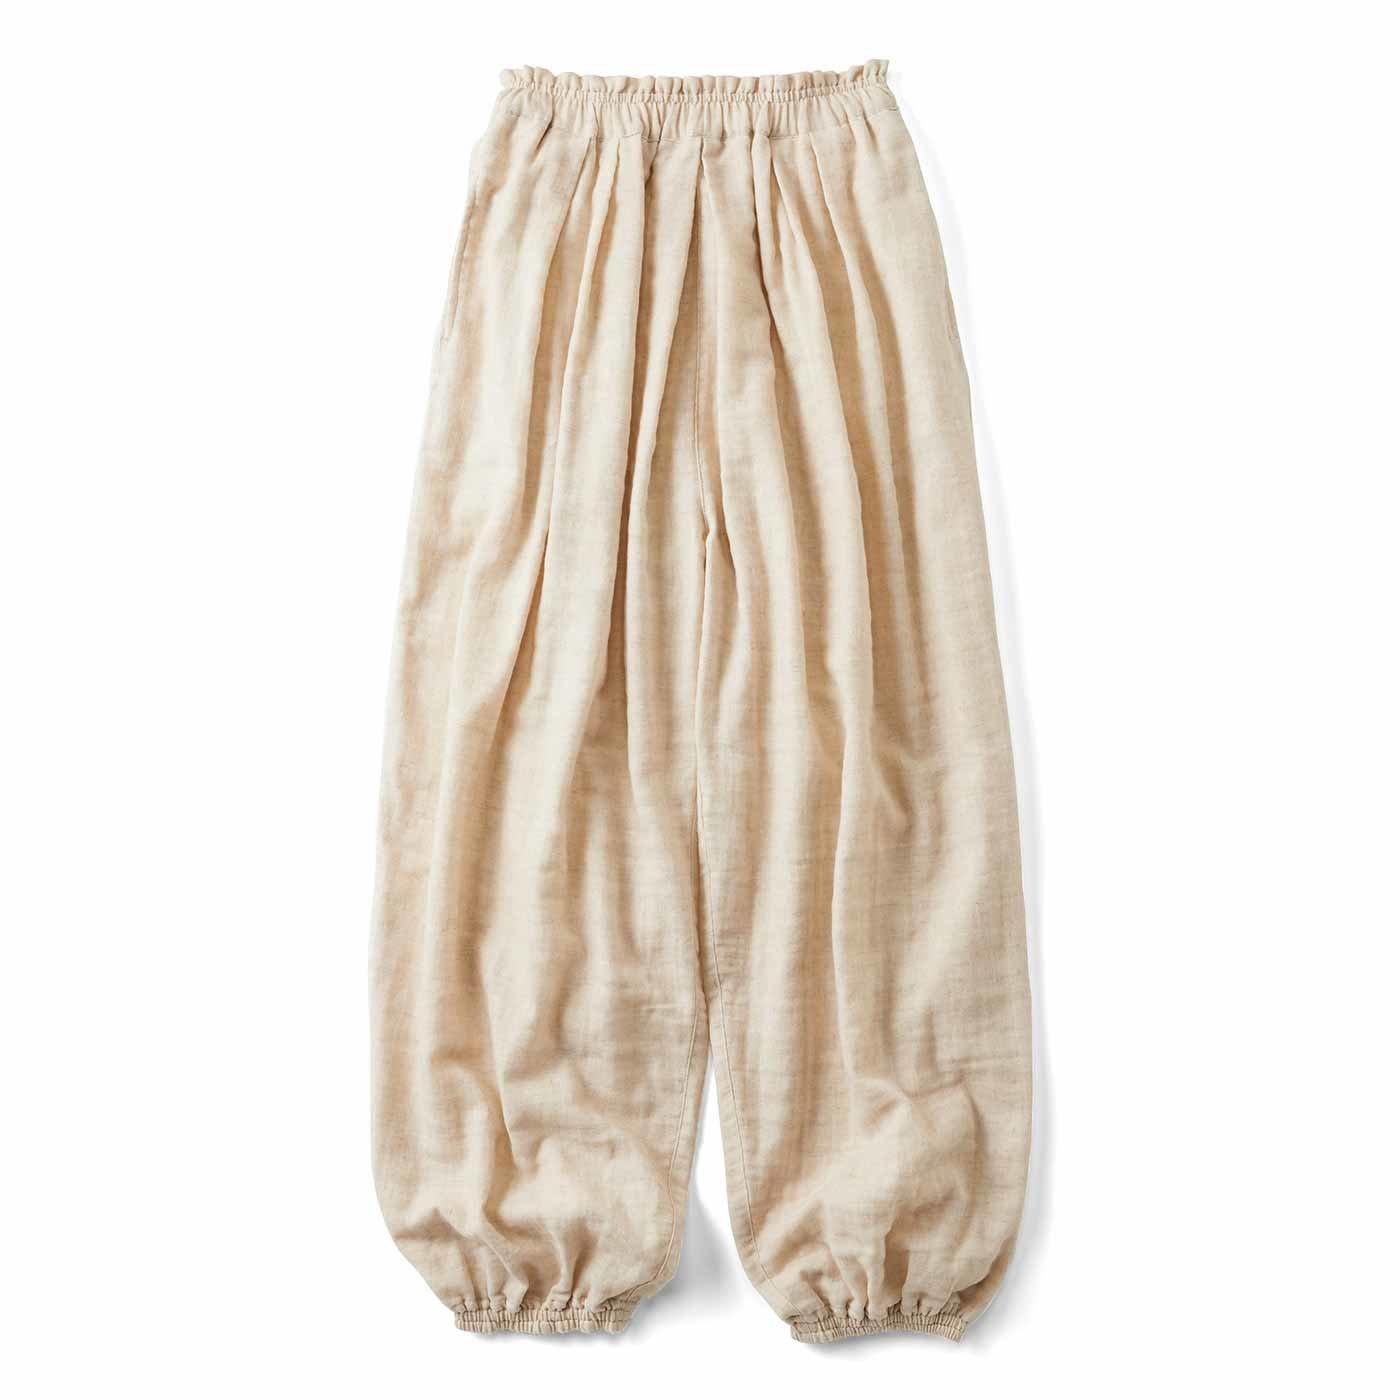 【3~10日でお届け】リブ イン コンフォート 肌に当たる裏側は綿100%! 風合いのいい麻混ダブルガーゼのぽんわりパンツ〈ベージュ〉